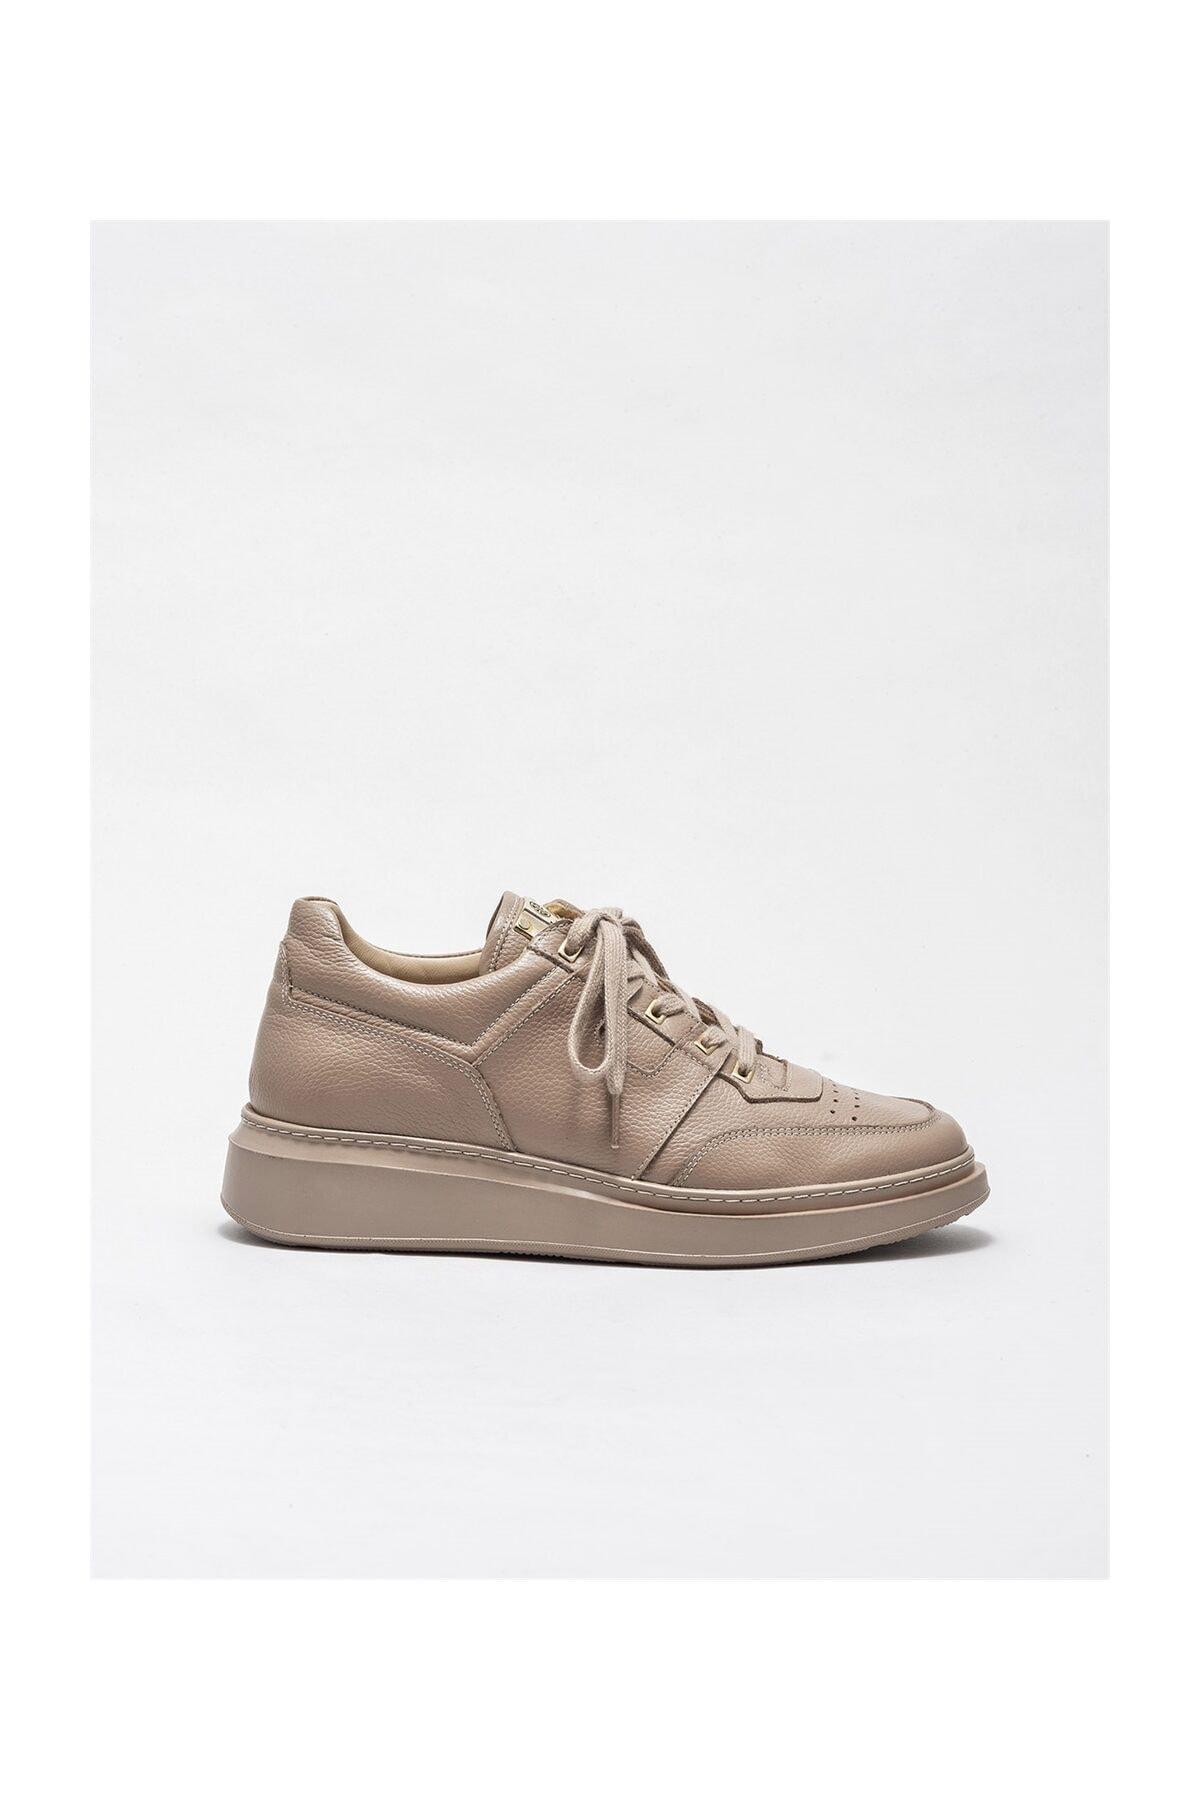 Elle Shoes Erkek Radbery-1 Bej Sneaker20KED12404 1